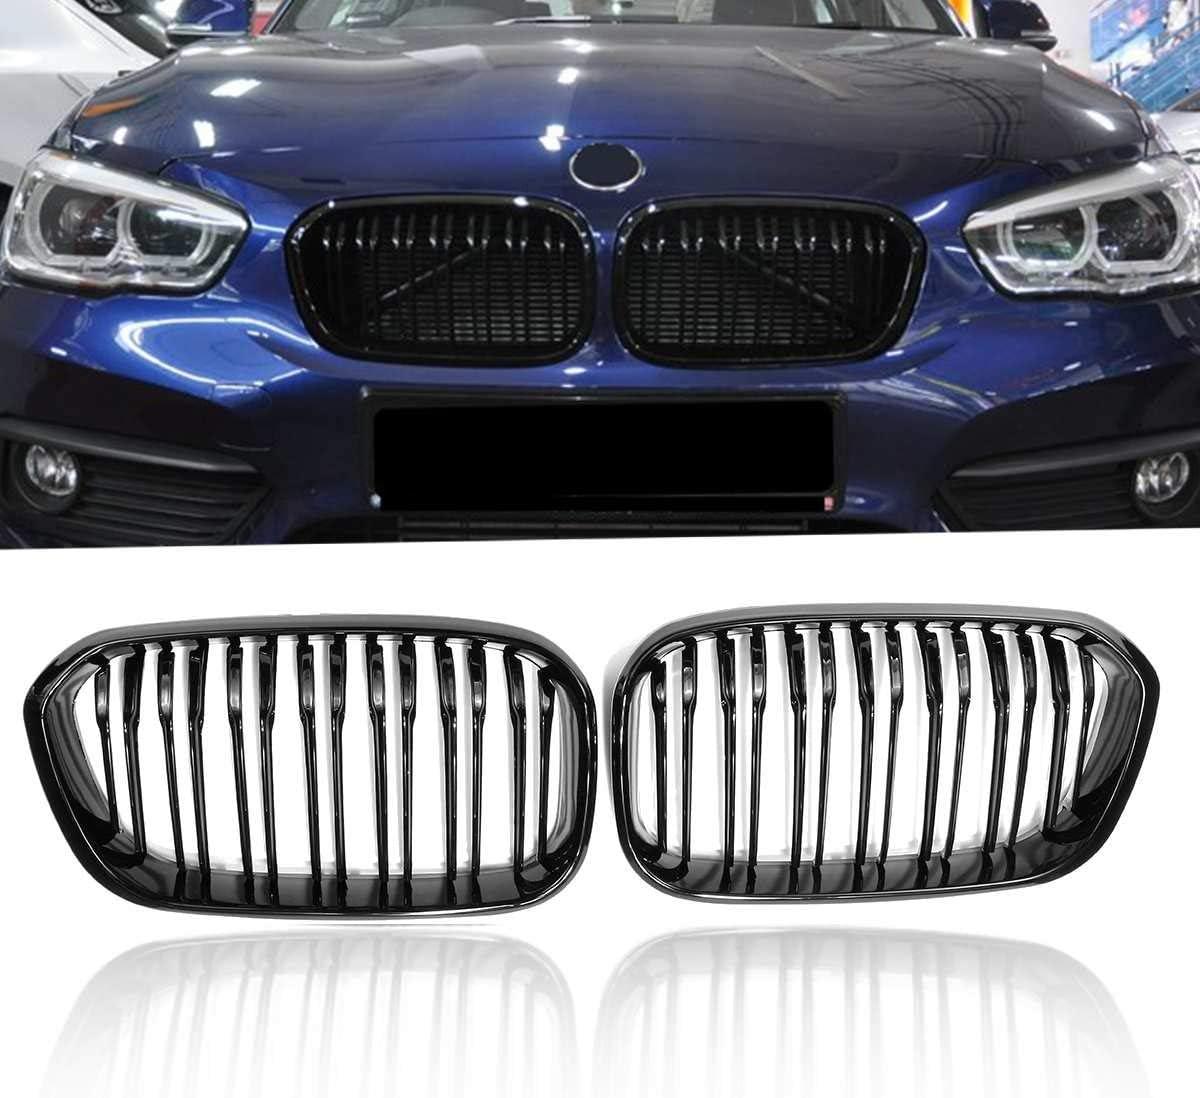 JNXZHQC Grille de calandre de Rein de Voiture./pour BMW F20 F21 120i 118i 118d 116i M135i 1 s/érie 2015 2016 2017 Style de Pare-Chocs Avant///Brillant Noir Mat